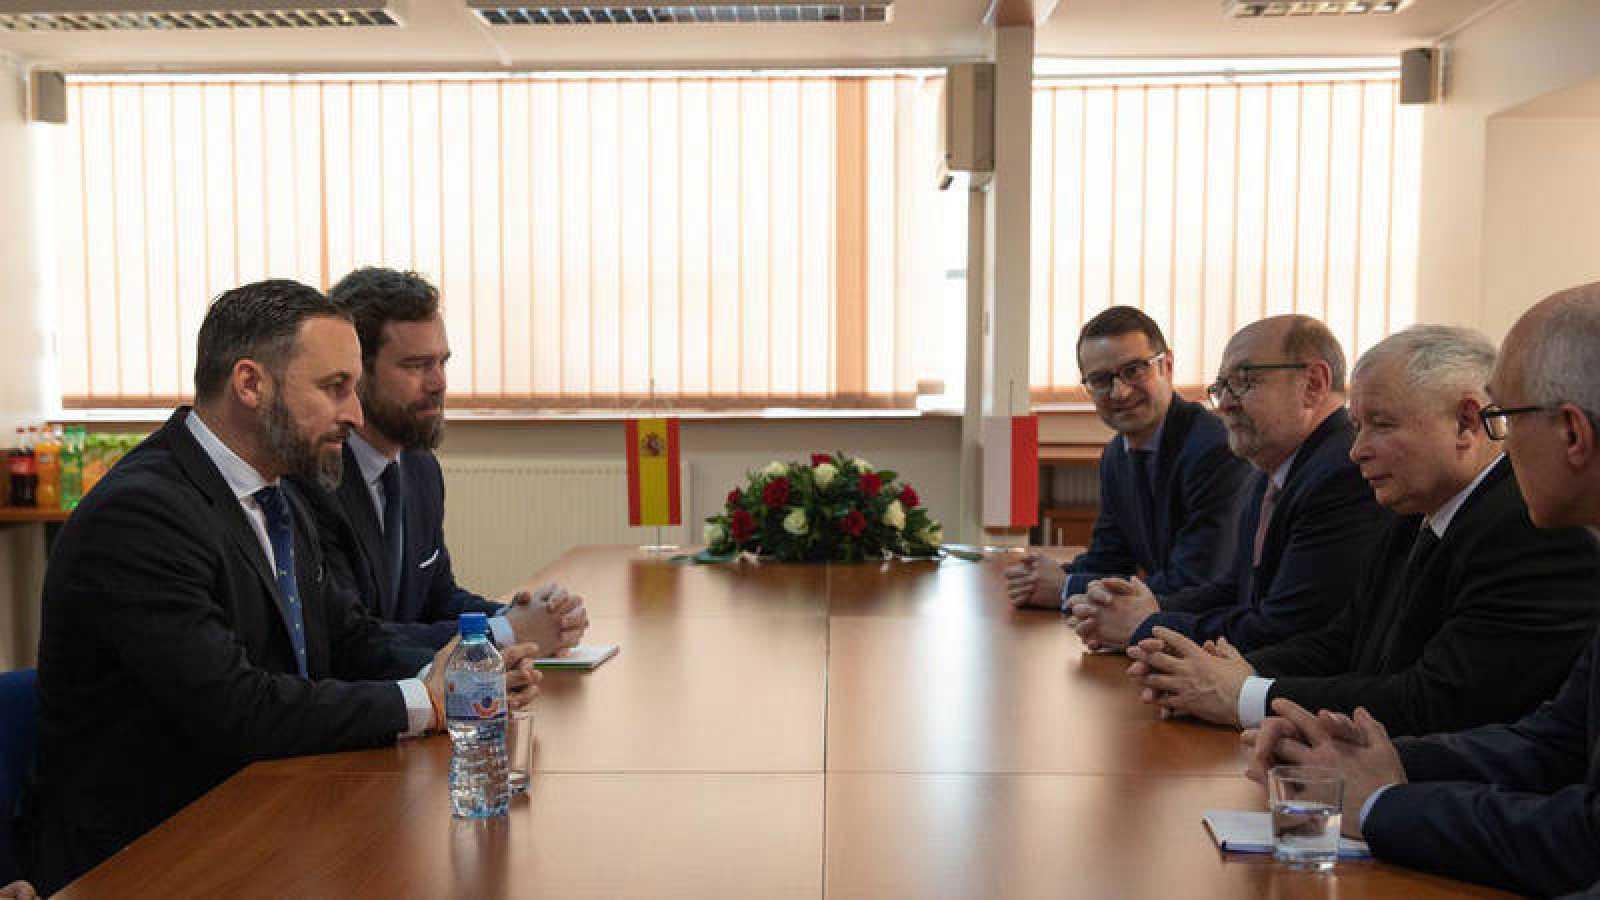 Abascal y Espinosa de los Monteros se reunieron en marzo con los líderes de Ley y Justicia